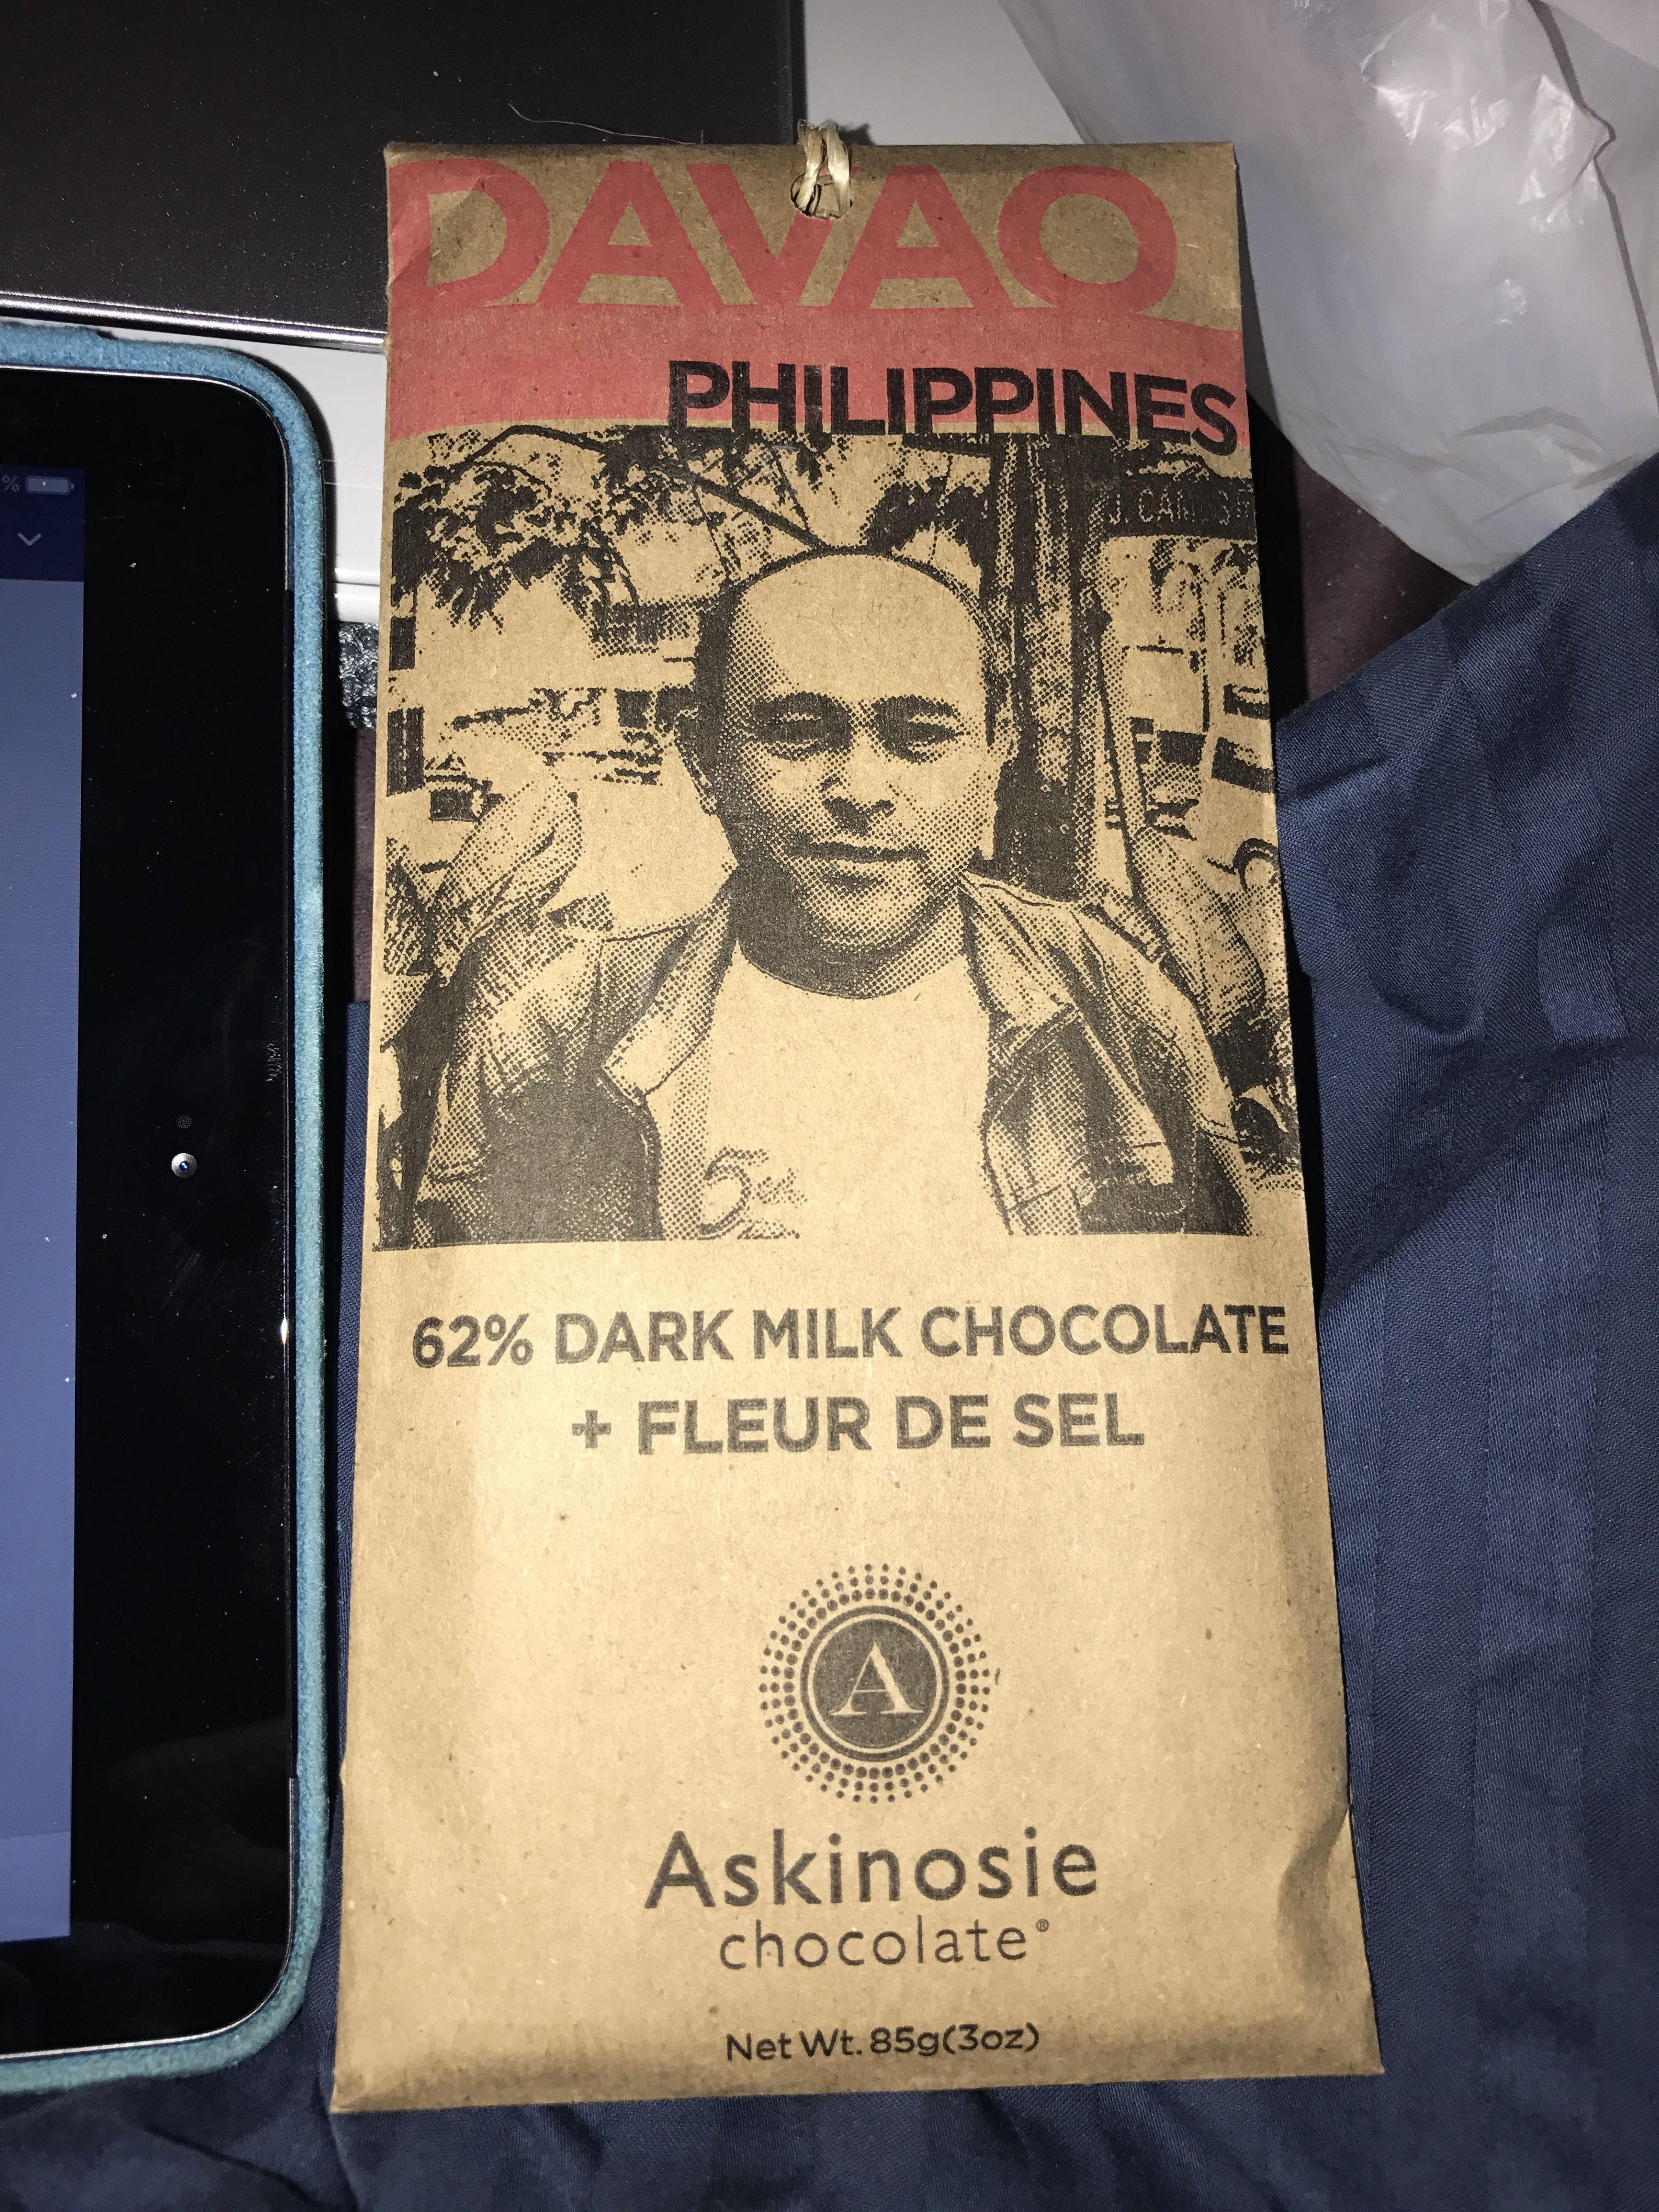 Askinosie chocolate davao Philippines 62% dark milk chocolate + ...